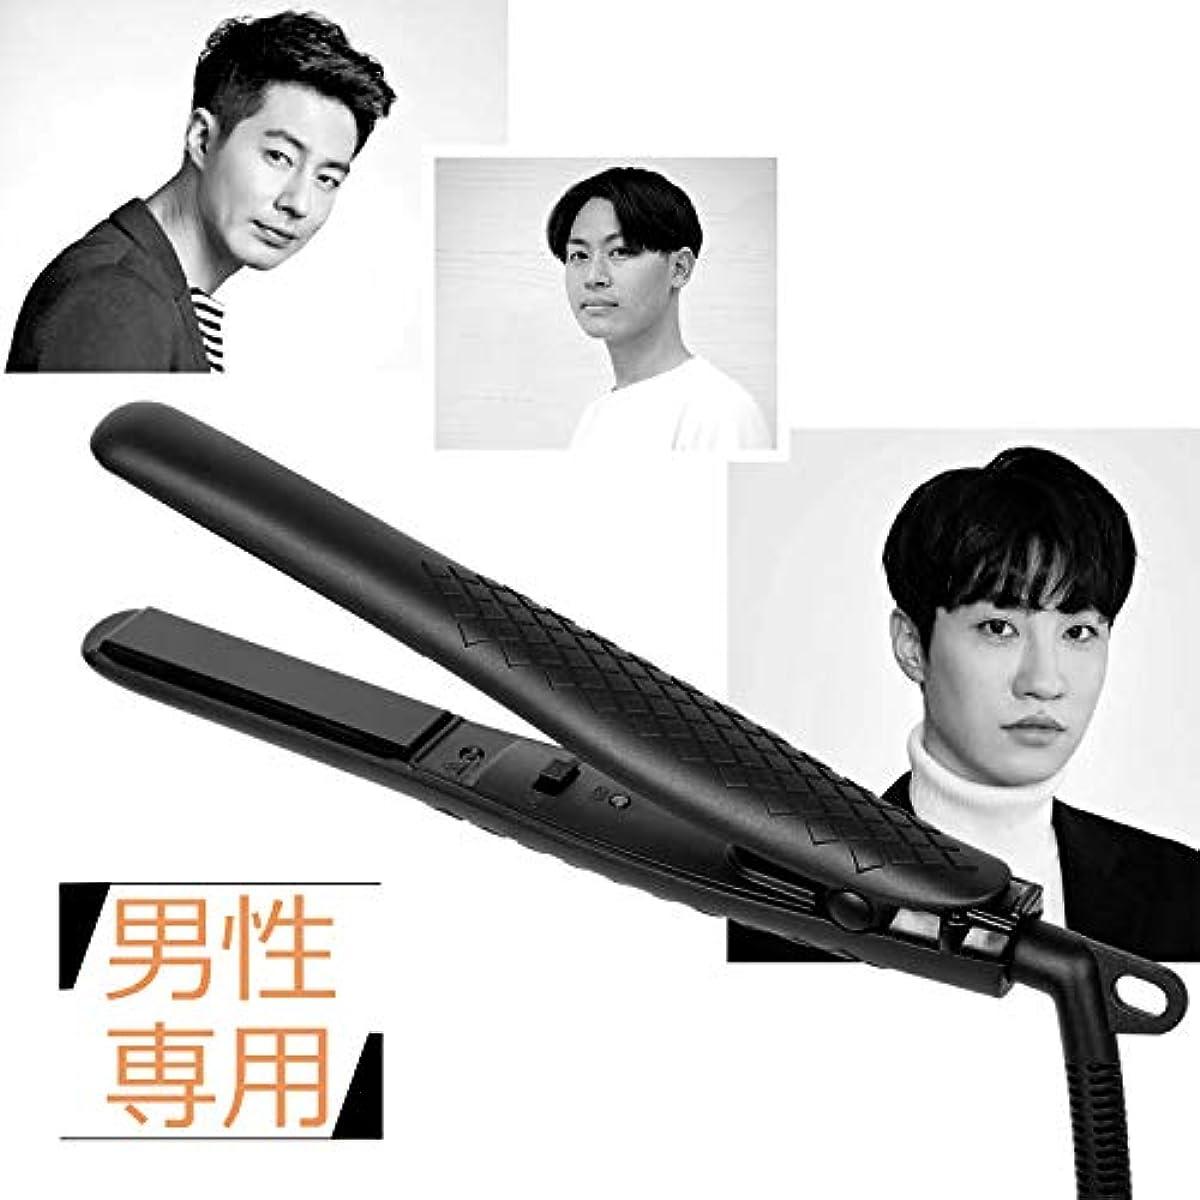 [해외] MOCREO 미니 헤어 아이언고데기 스트레이트 컬 양용 앞머리 운반 해외 대응